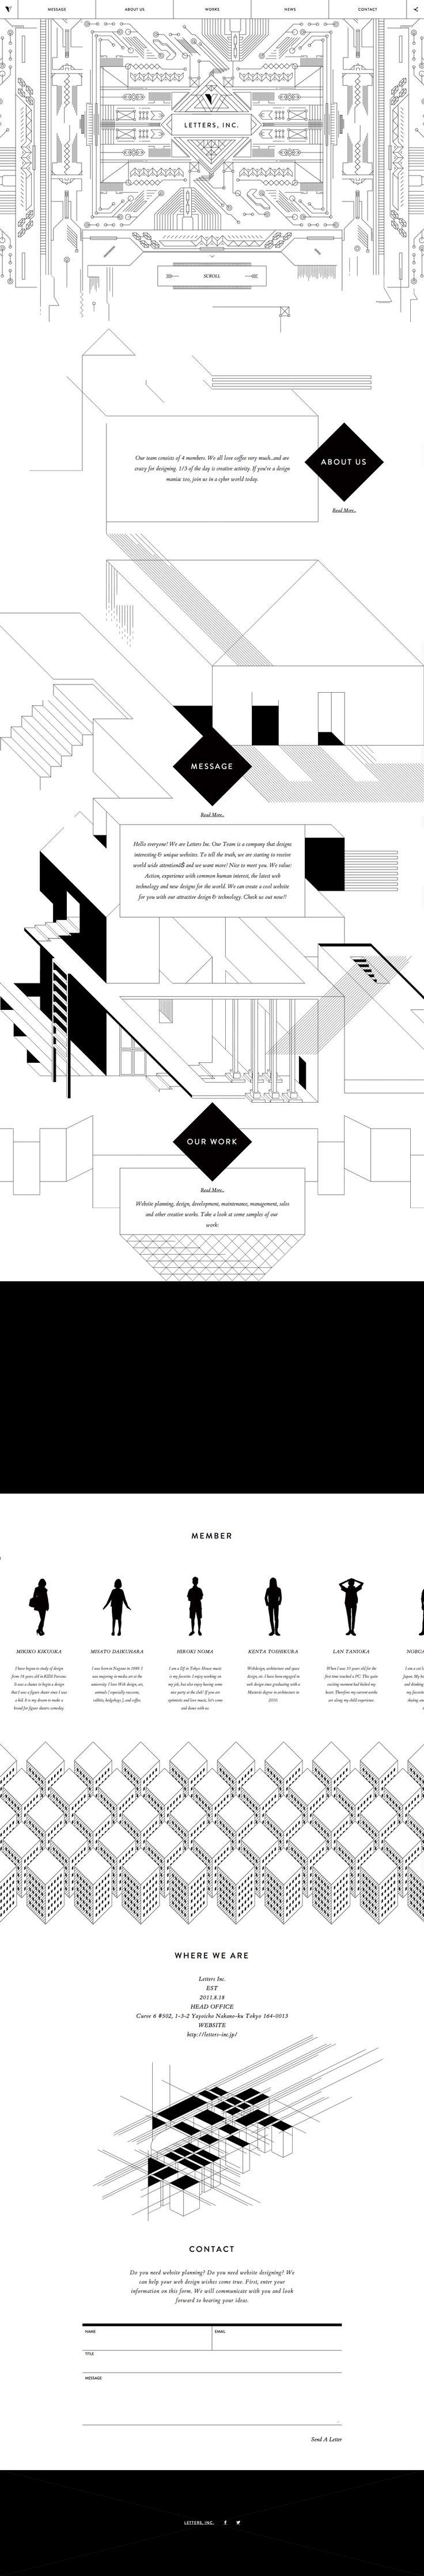 Unique Web Design, Letters Inc. #WebDesign #Design (http://www.pinterest.com/aldenchong/)